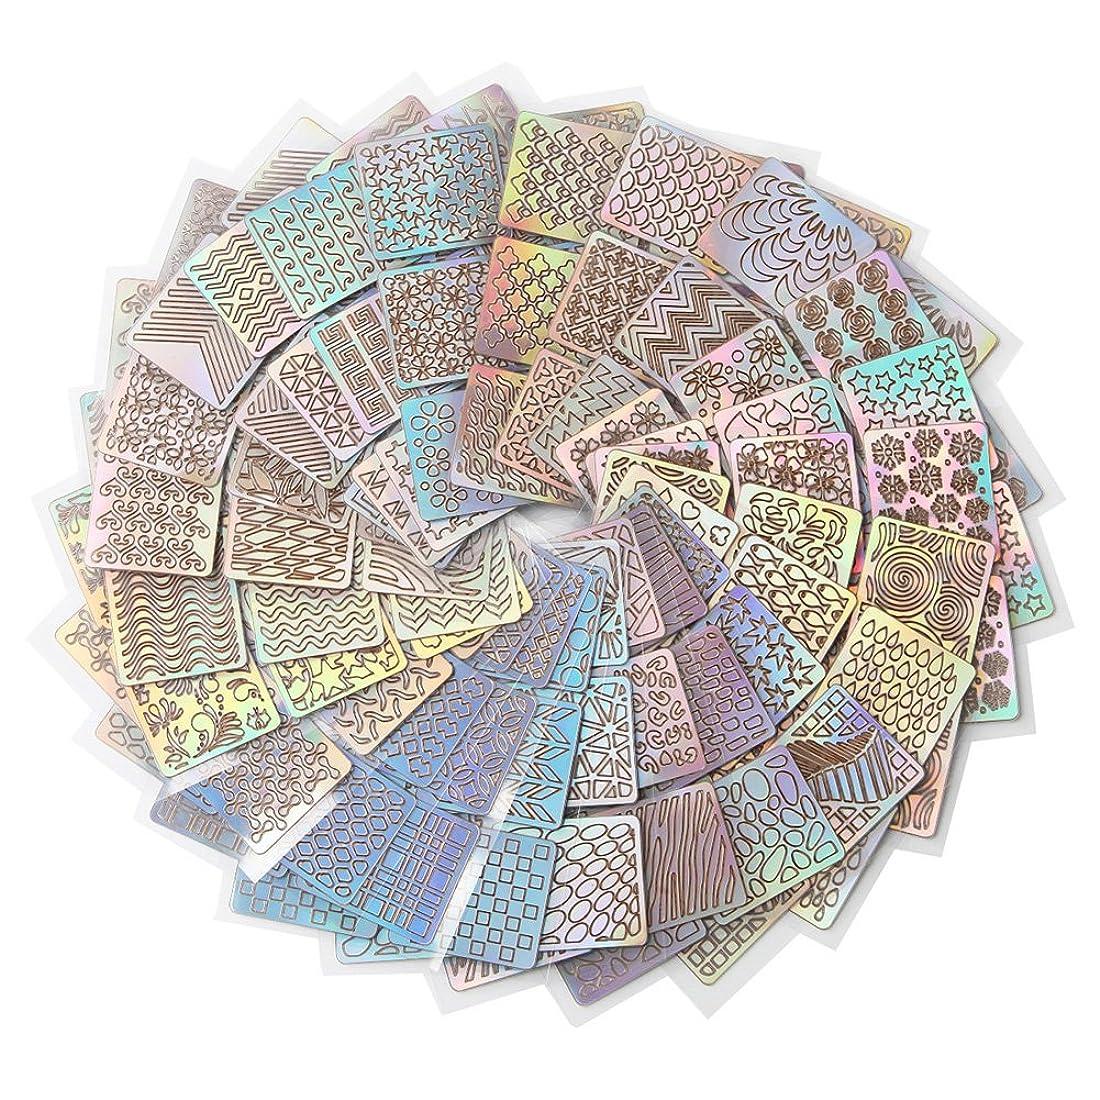 考え存在受け継ぐDemiawaking ネイル用装飾 可愛いネイル飾り テープ ネイル パーツ ネイルーシール 今年流行ネイティブ柄ネイルステッカー 24枚セット